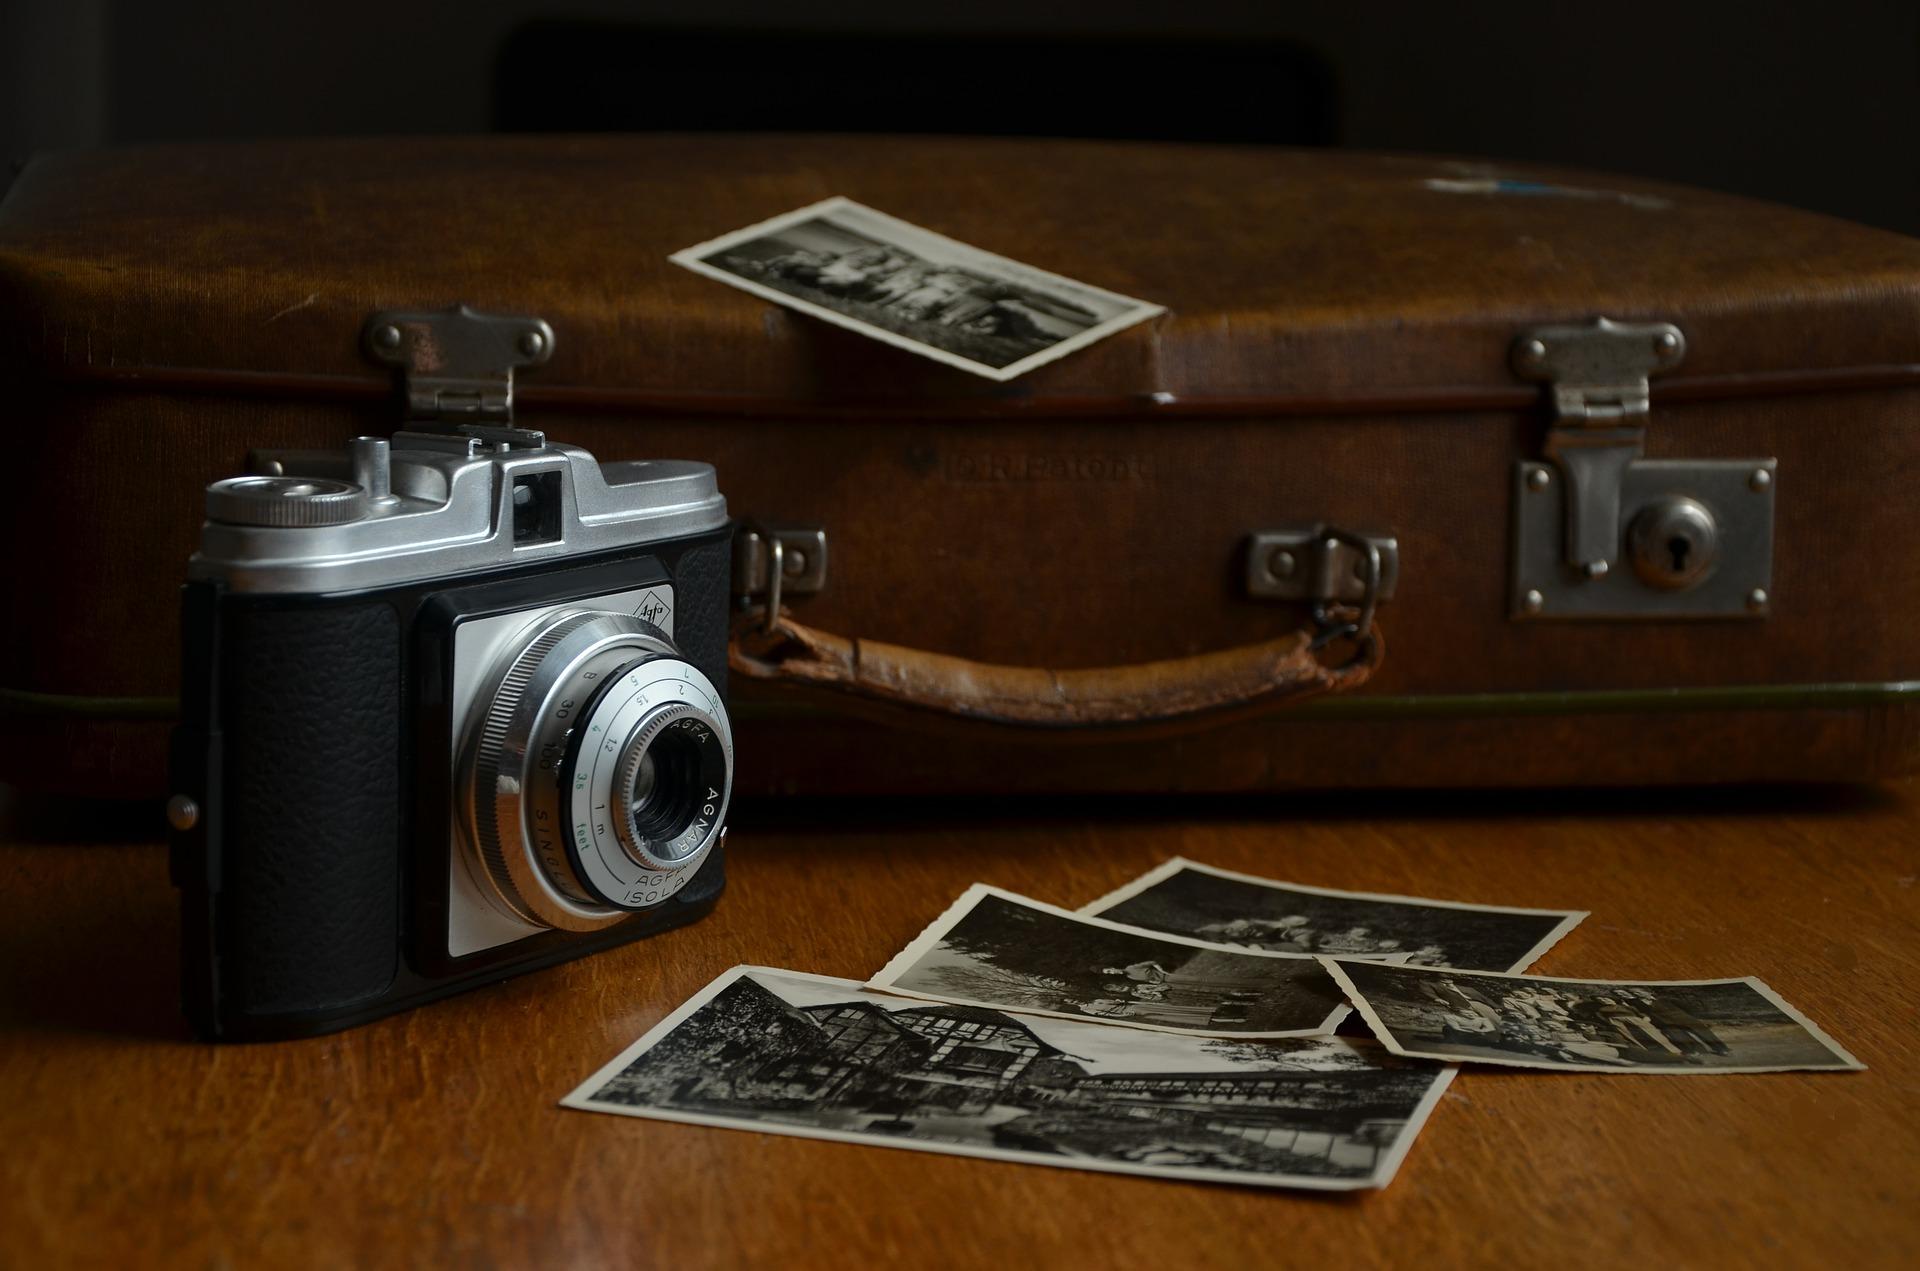 La recherche de nos prestataires avec une wedding planner – Partie 2 : le photographe et le vidéaste